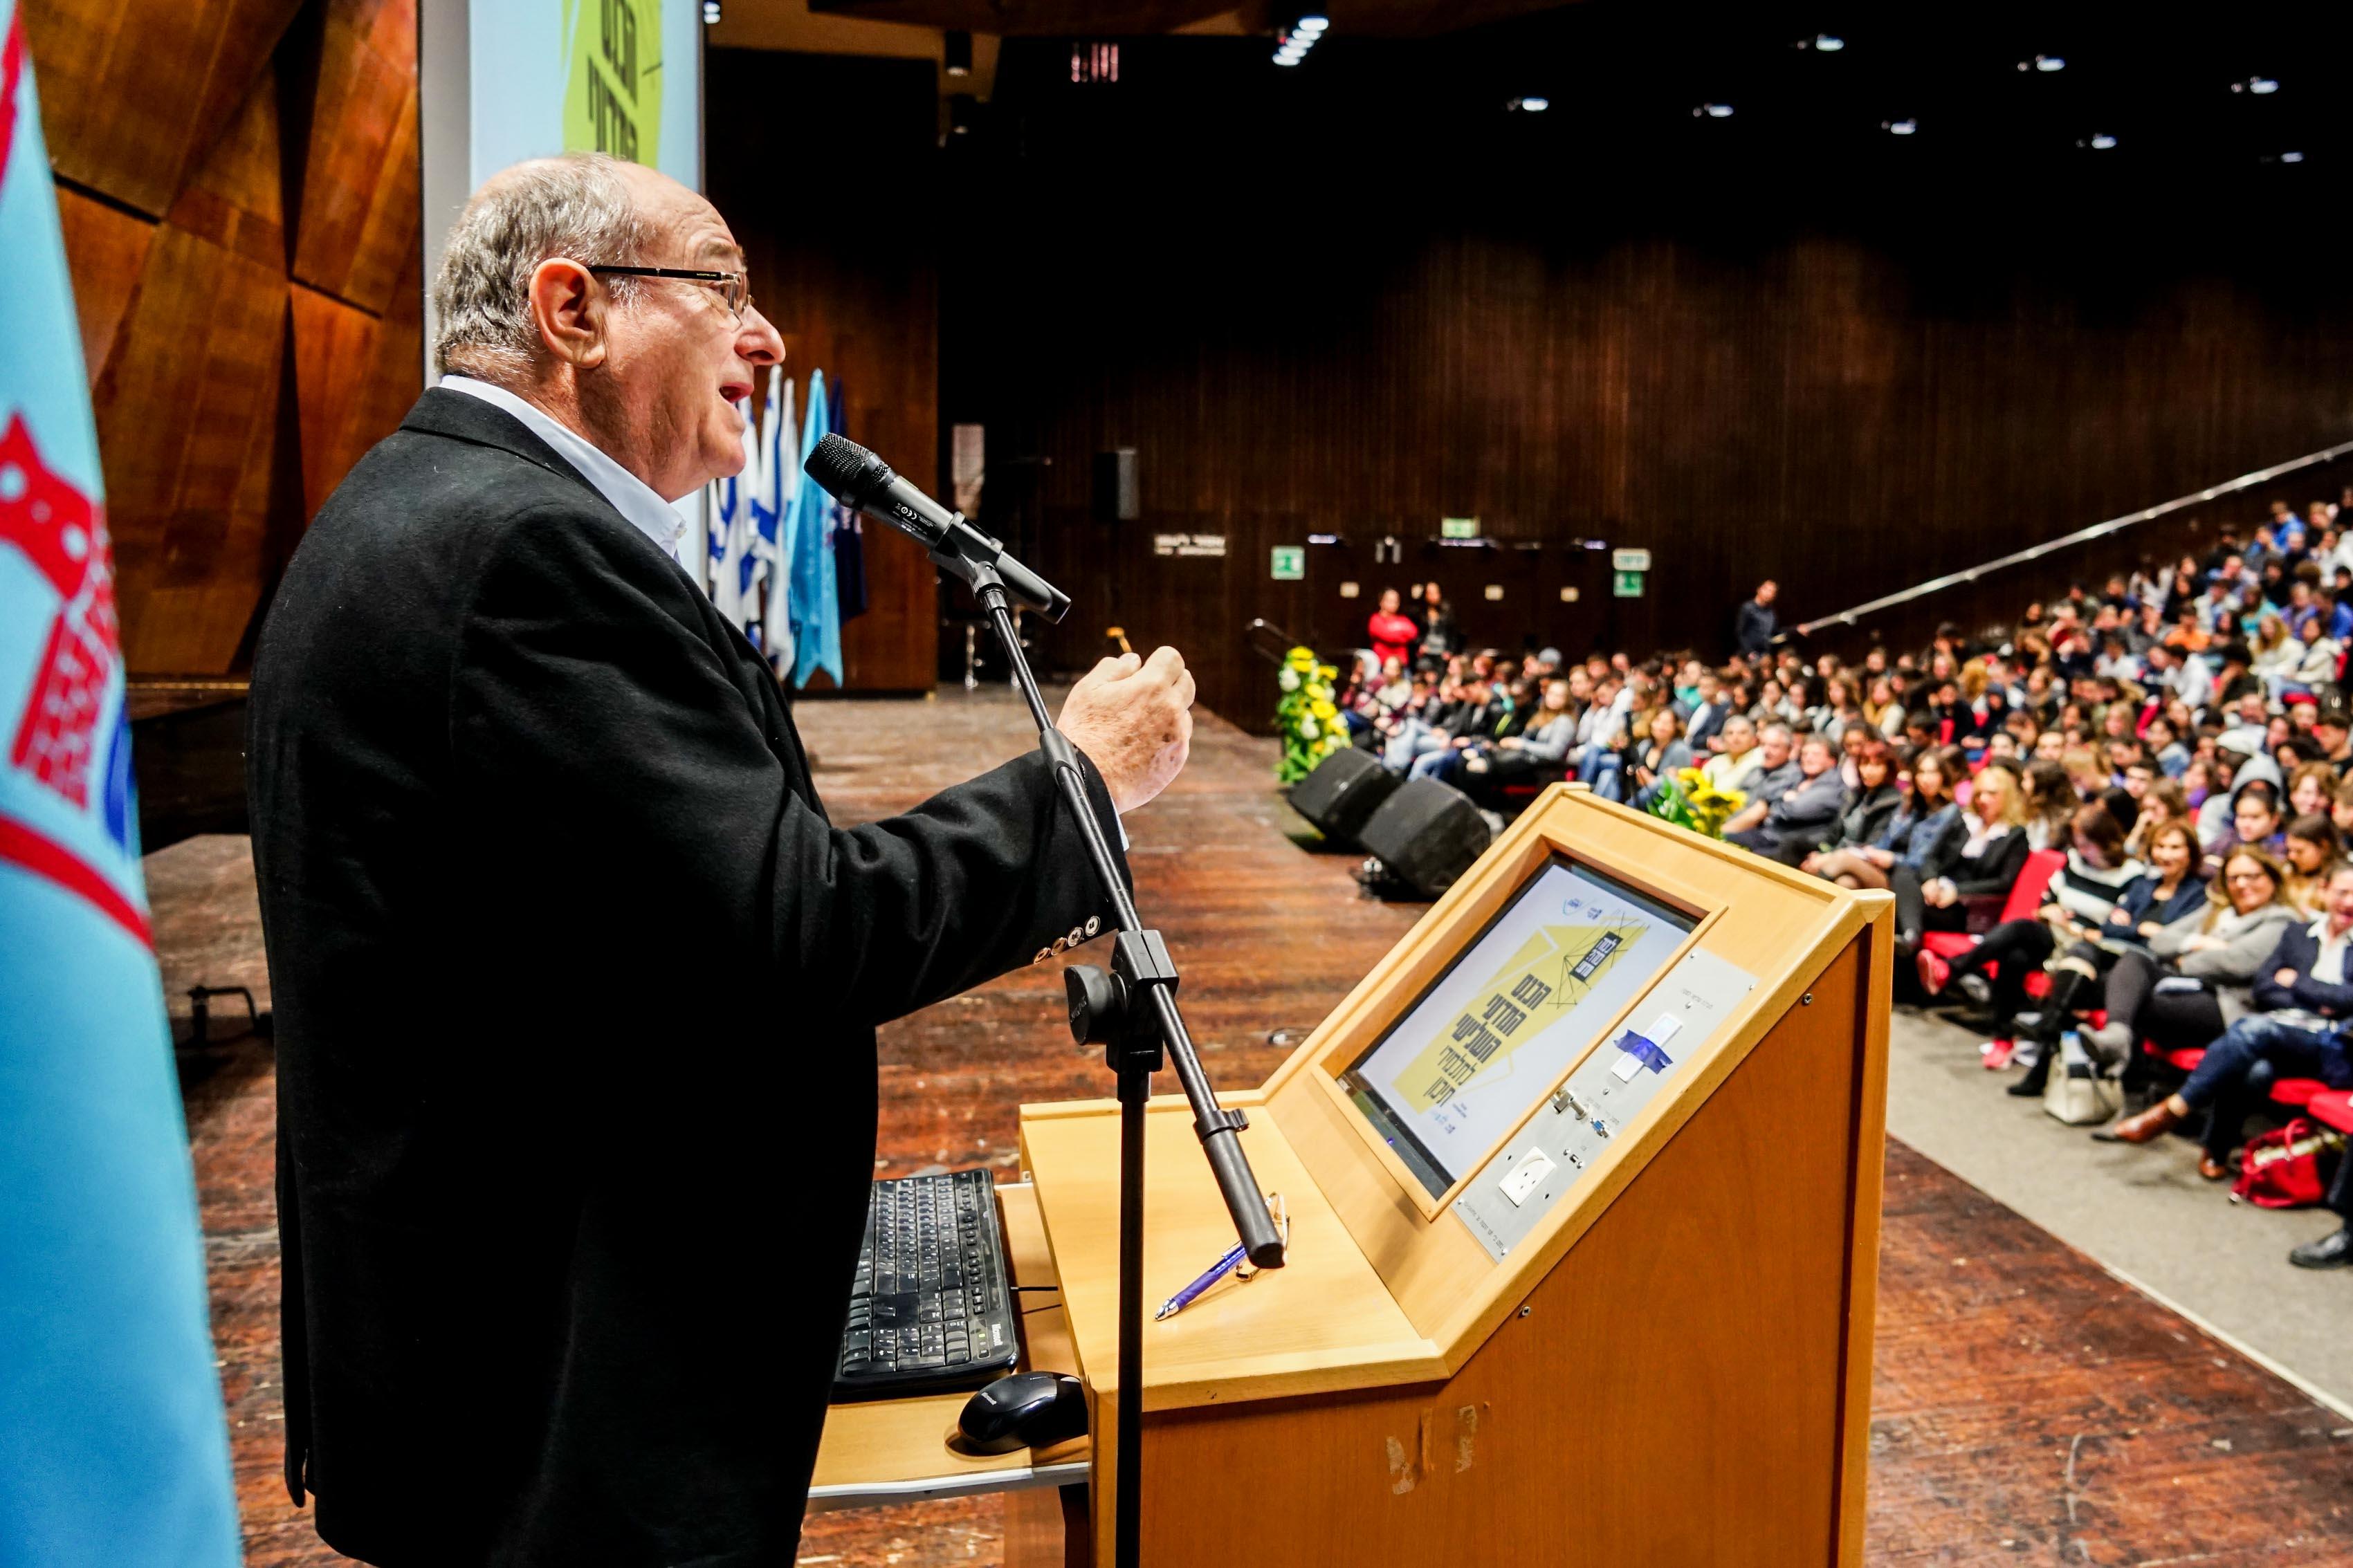 נשיא הטכניון פרופ' פרץ לביא בכנס המדעי (צילום: צבי רוגר)